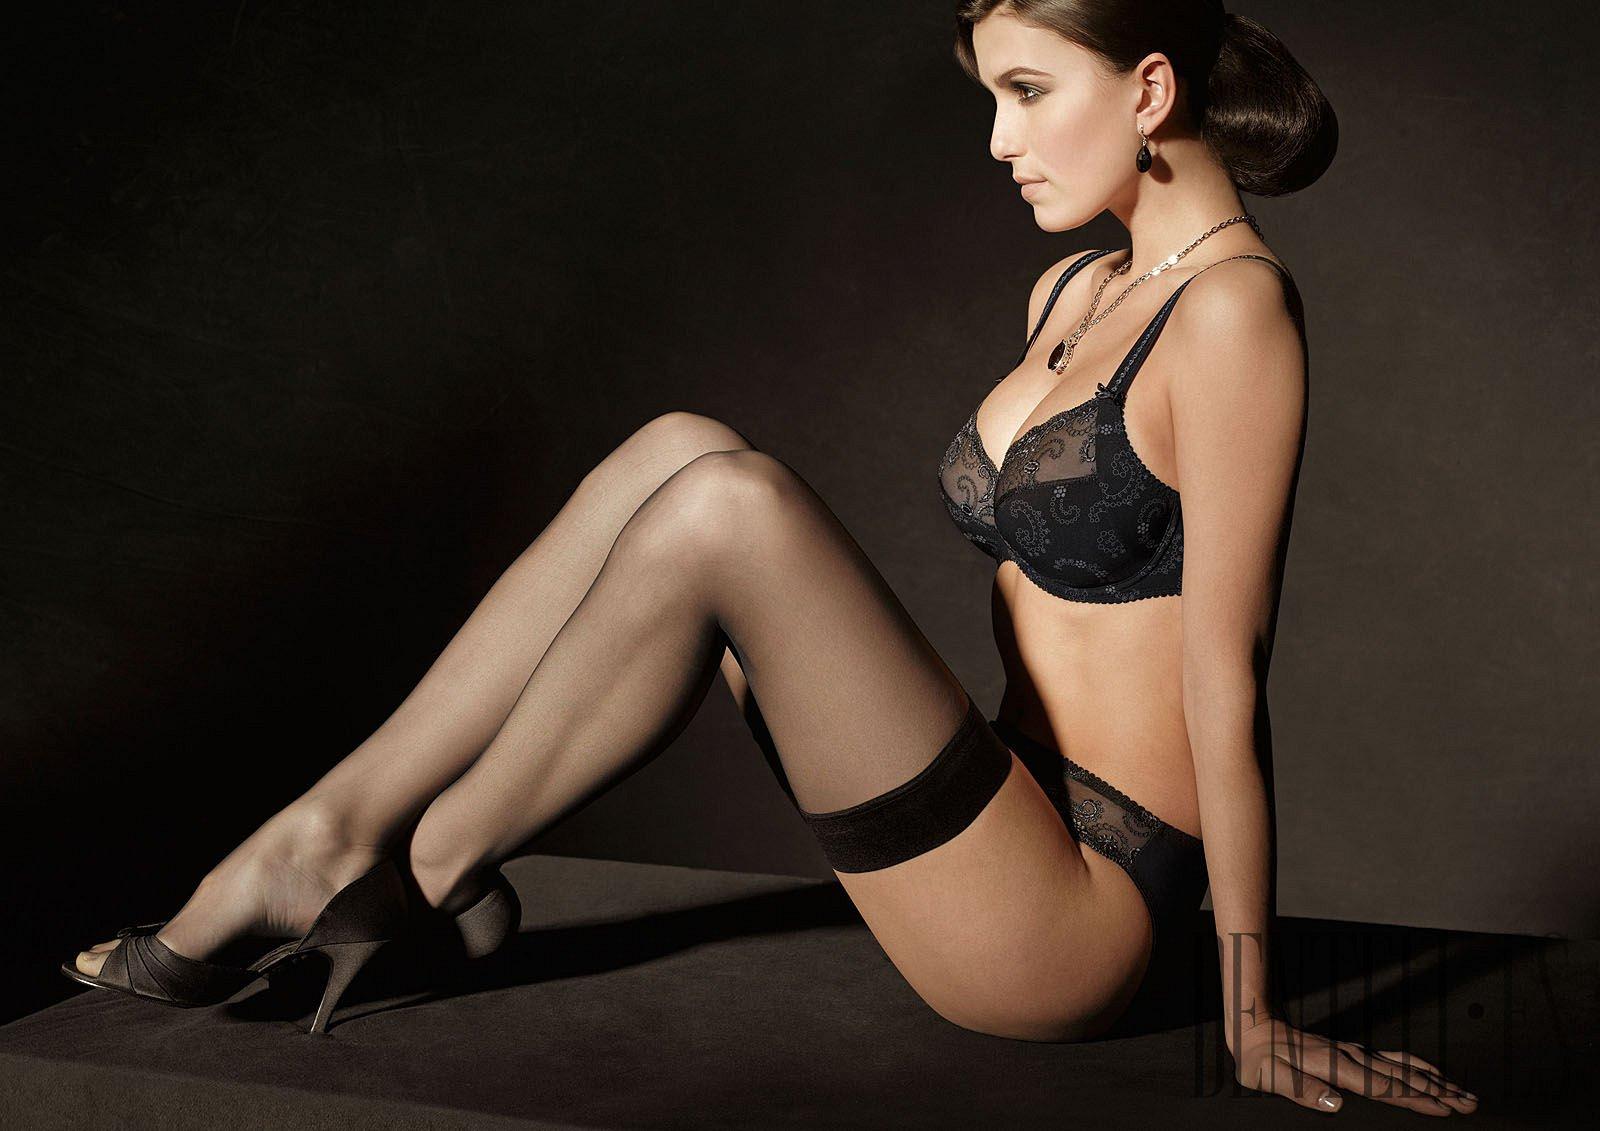 Фотографии девушка в чулках, Болееочень красивых девушек моделей в чулках 4 фотография